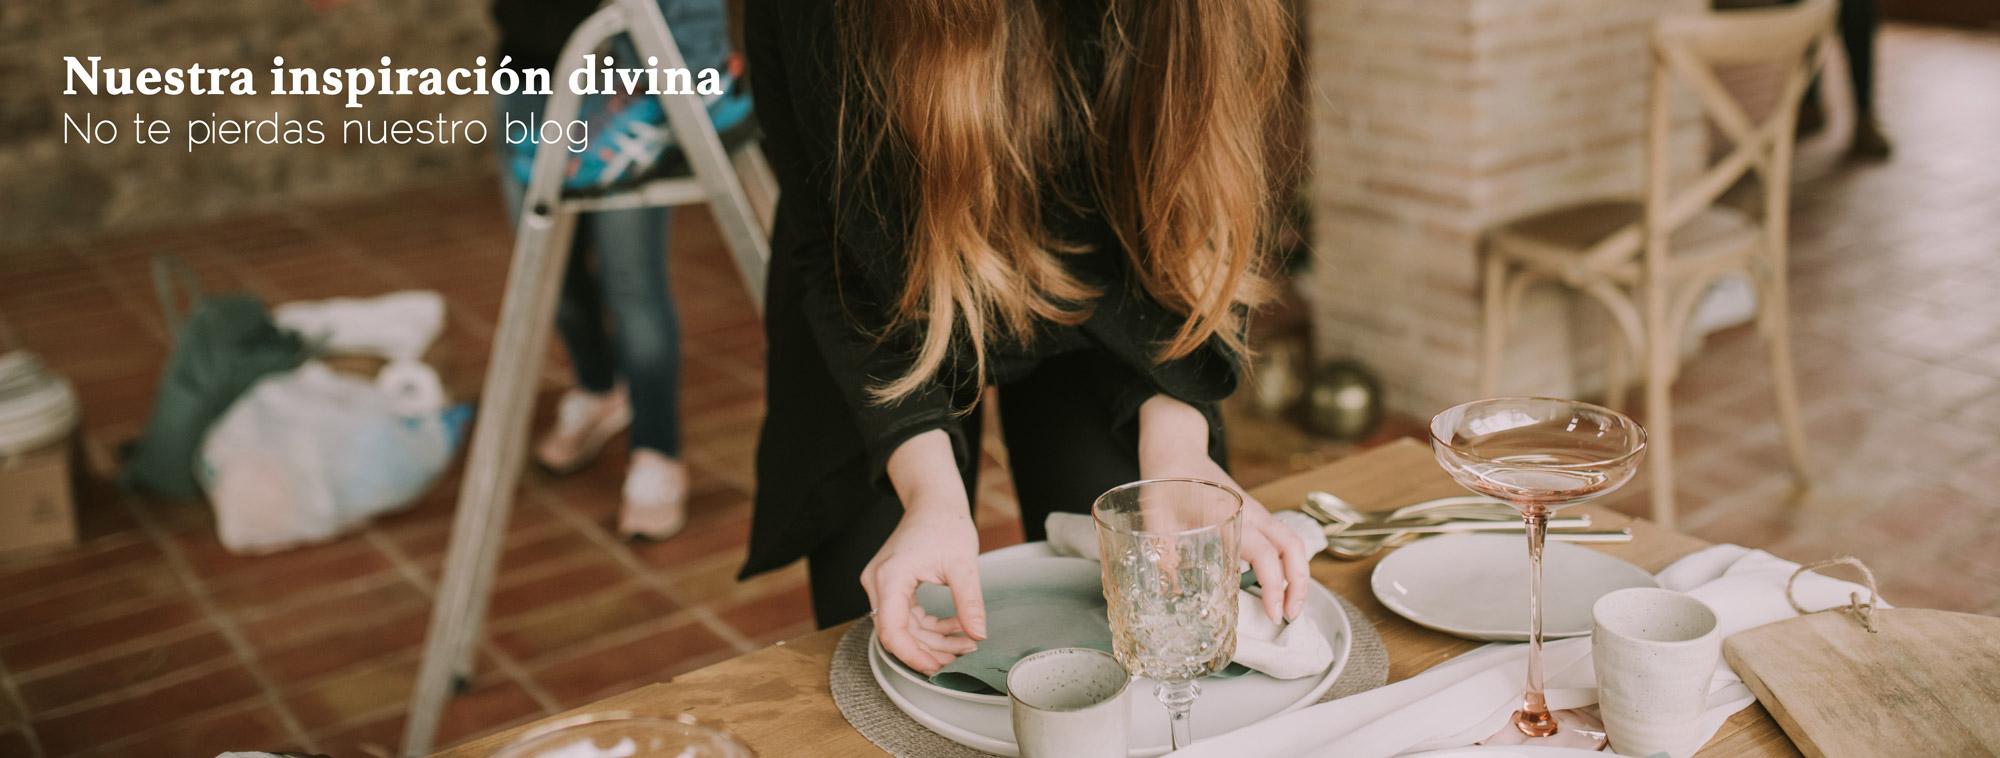 Inspiración divina - El taller de nice day - Decoraciones de bodas